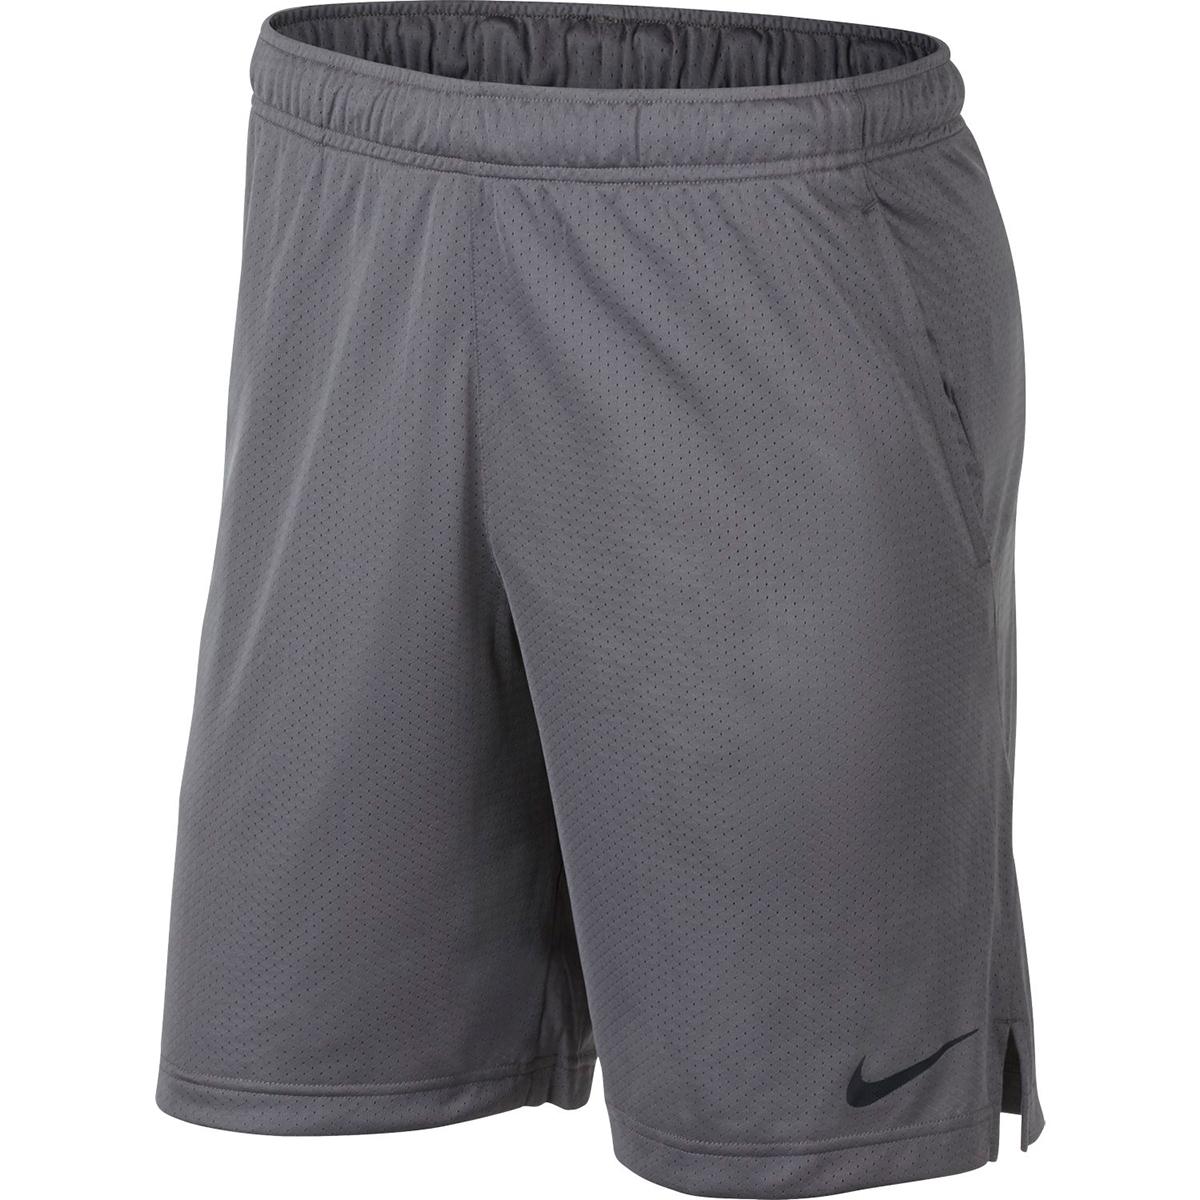 Nike Men's Monster Mesh 4.0 Short - Black, M